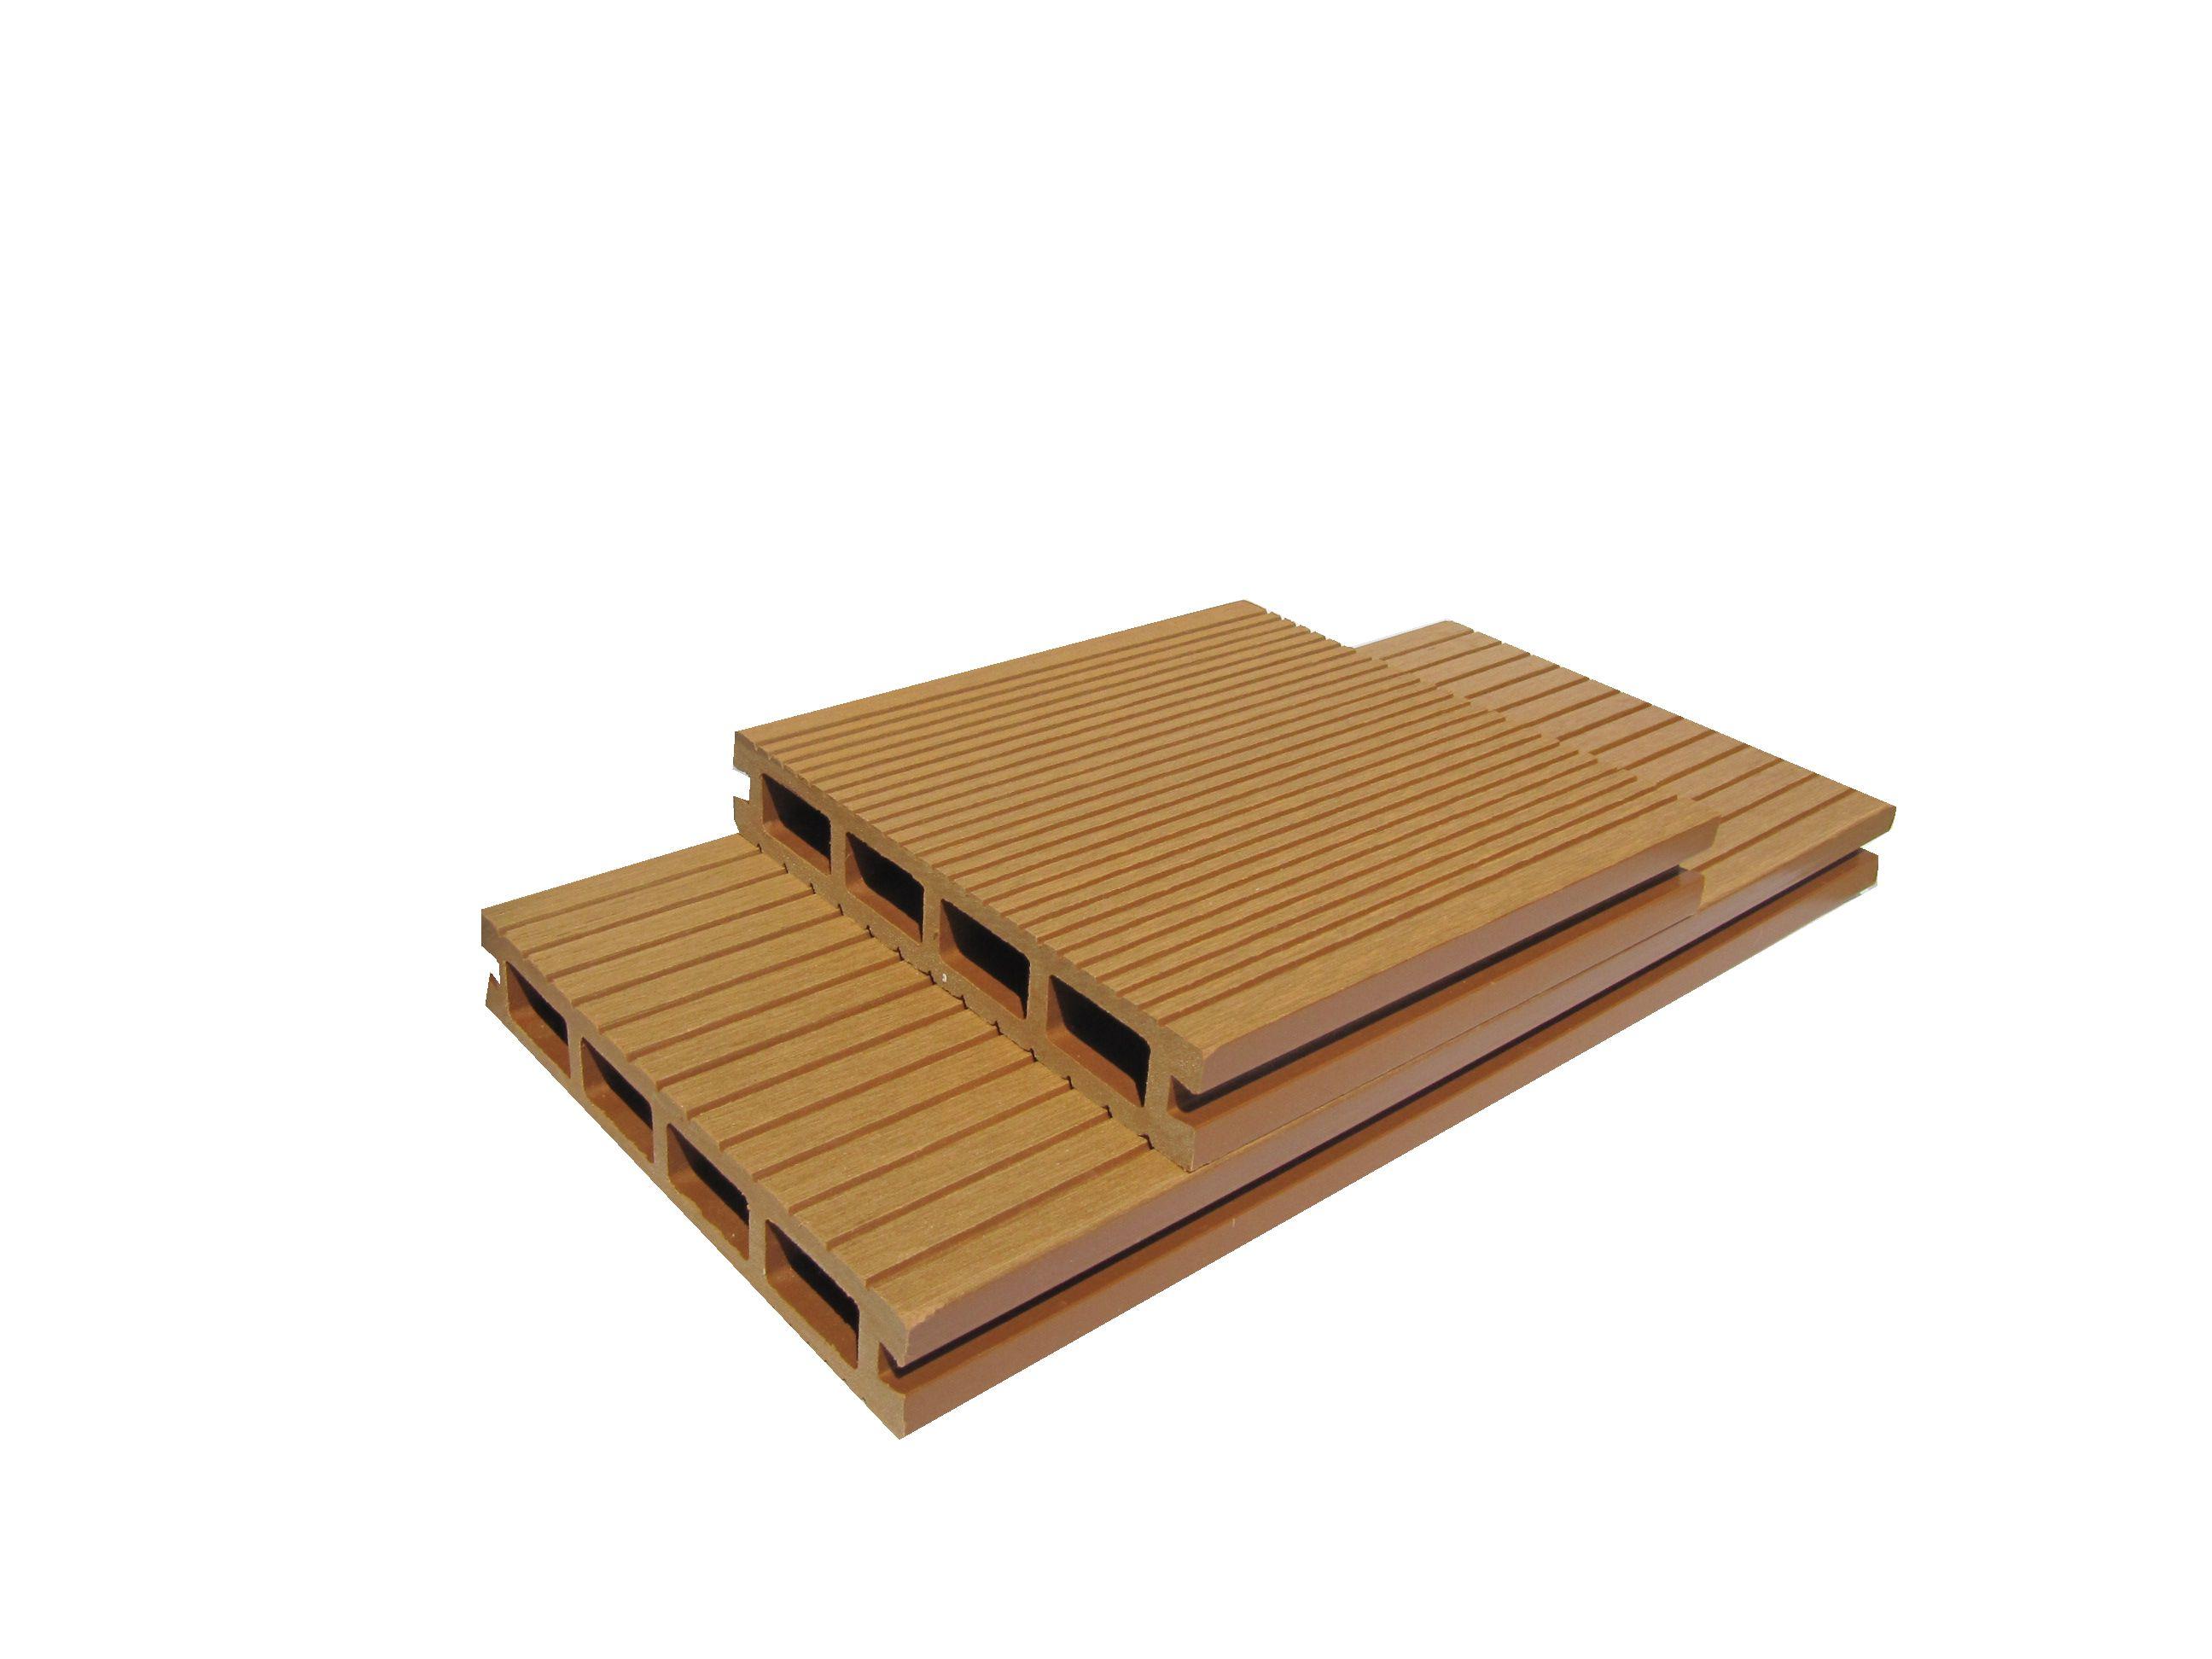 供应生态木长城板和塑木图片|供应生态木长城板和